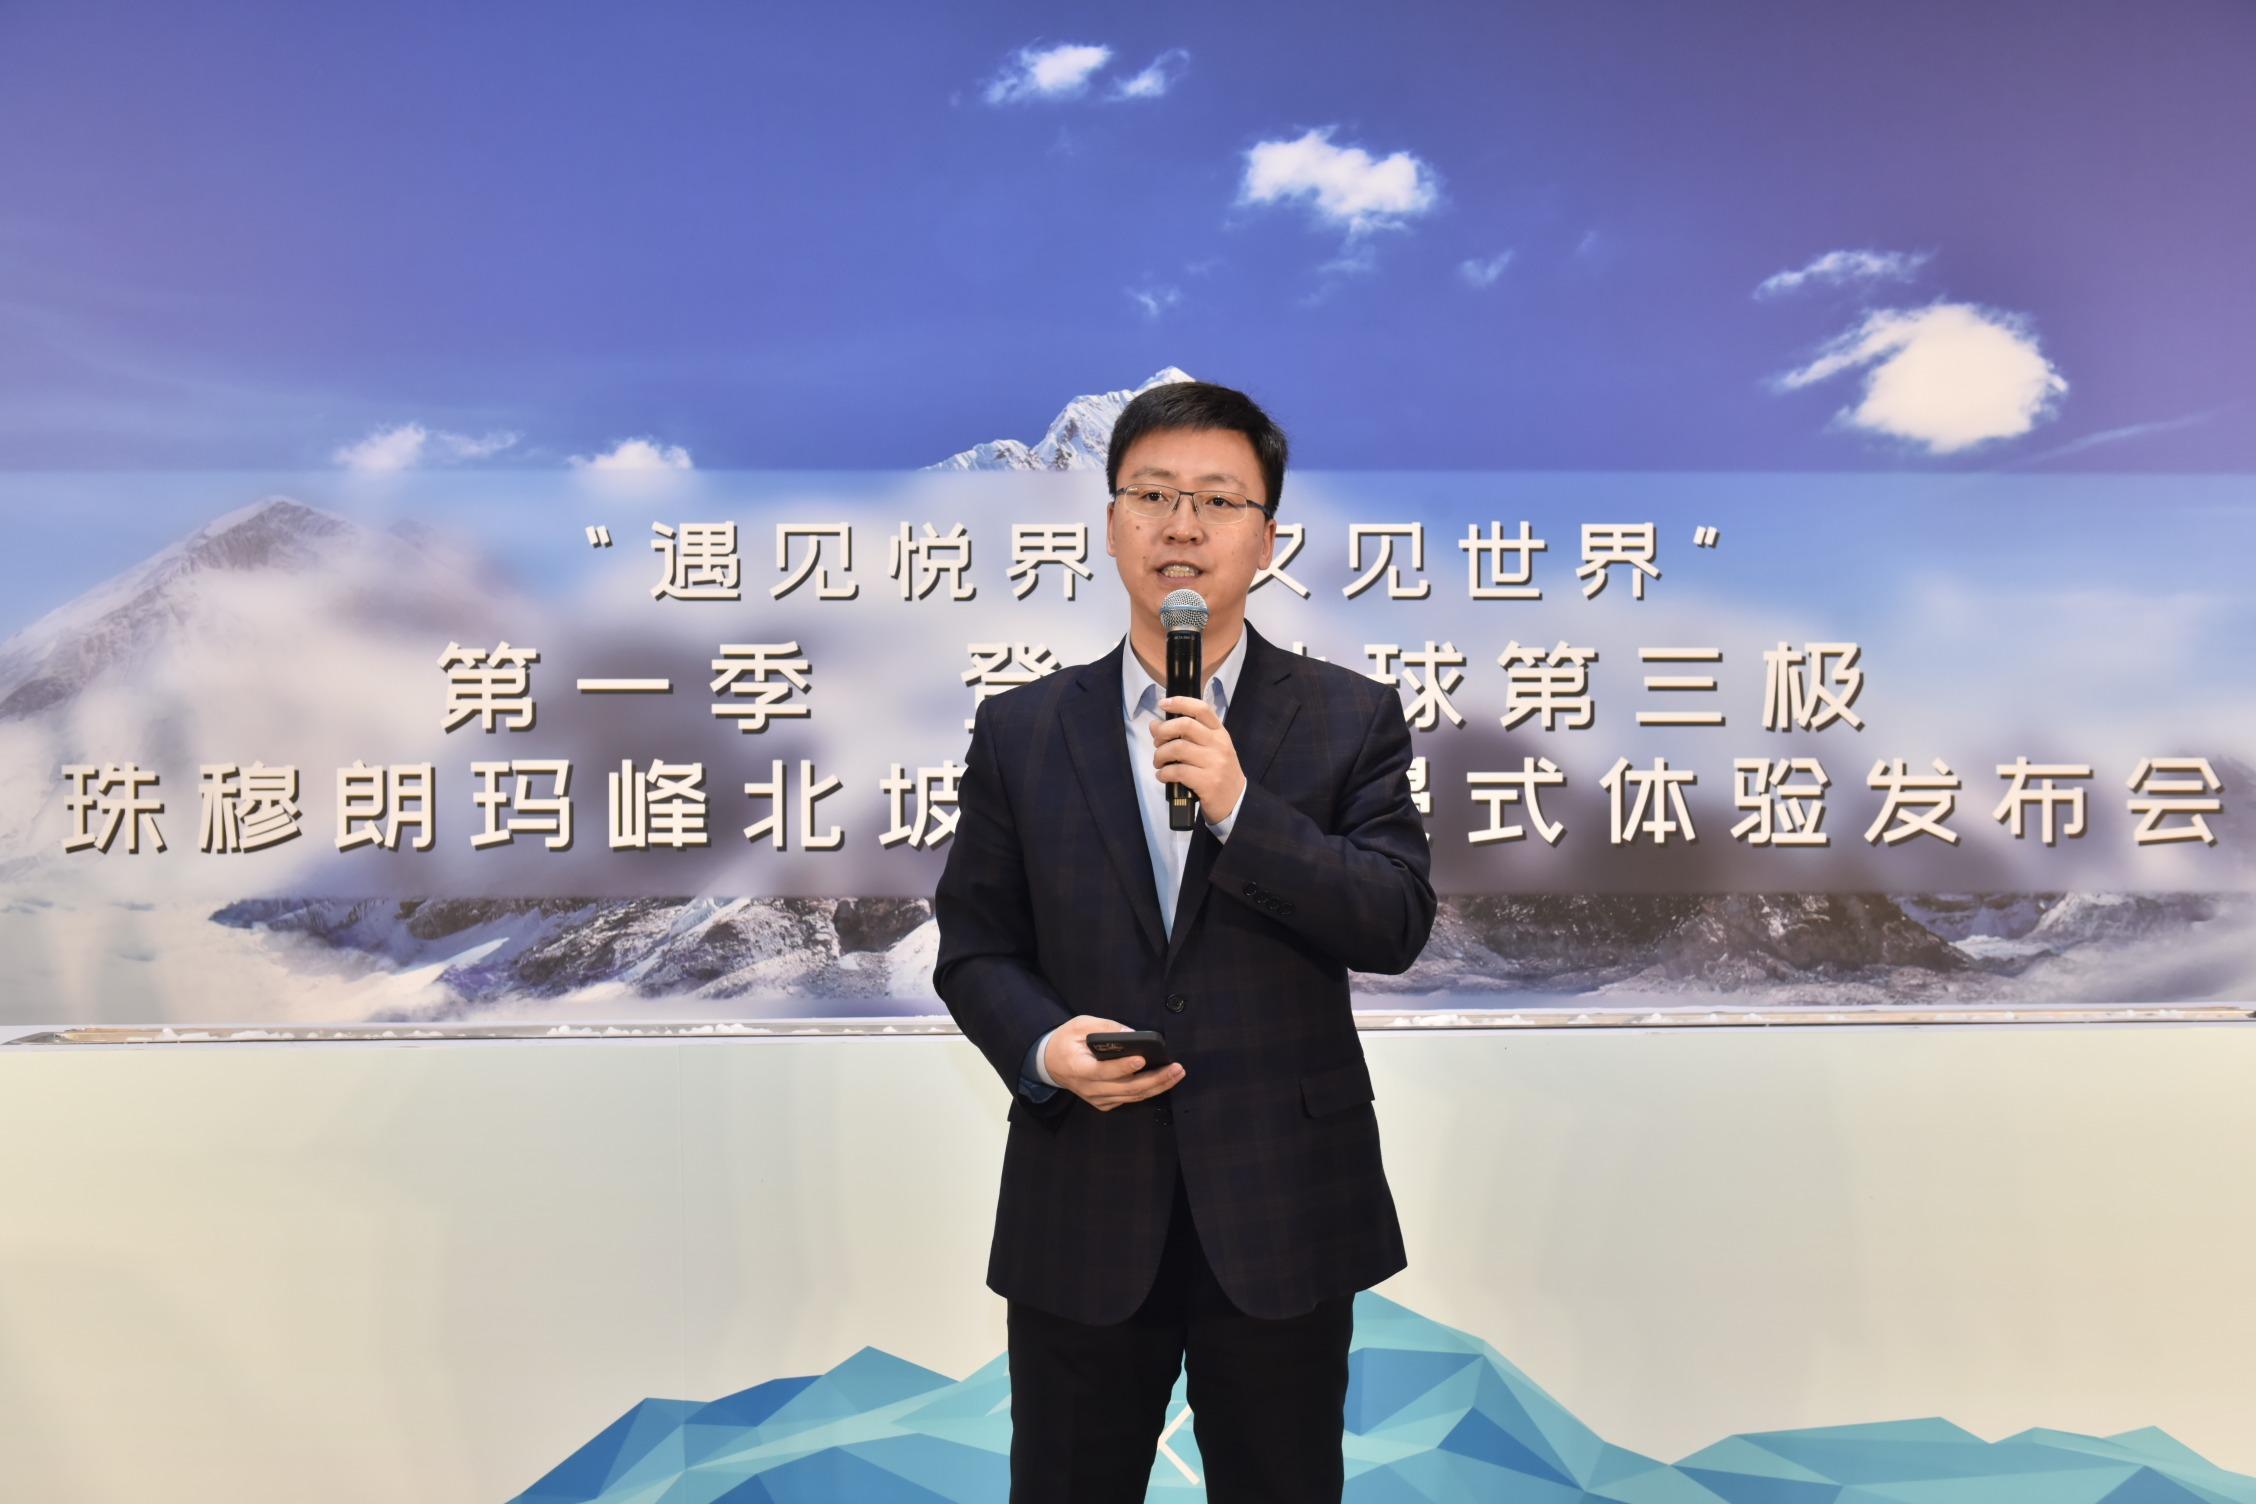 新意互动董事长兼CEO曲伟海:构建新型消费模式下的虚拟经济体